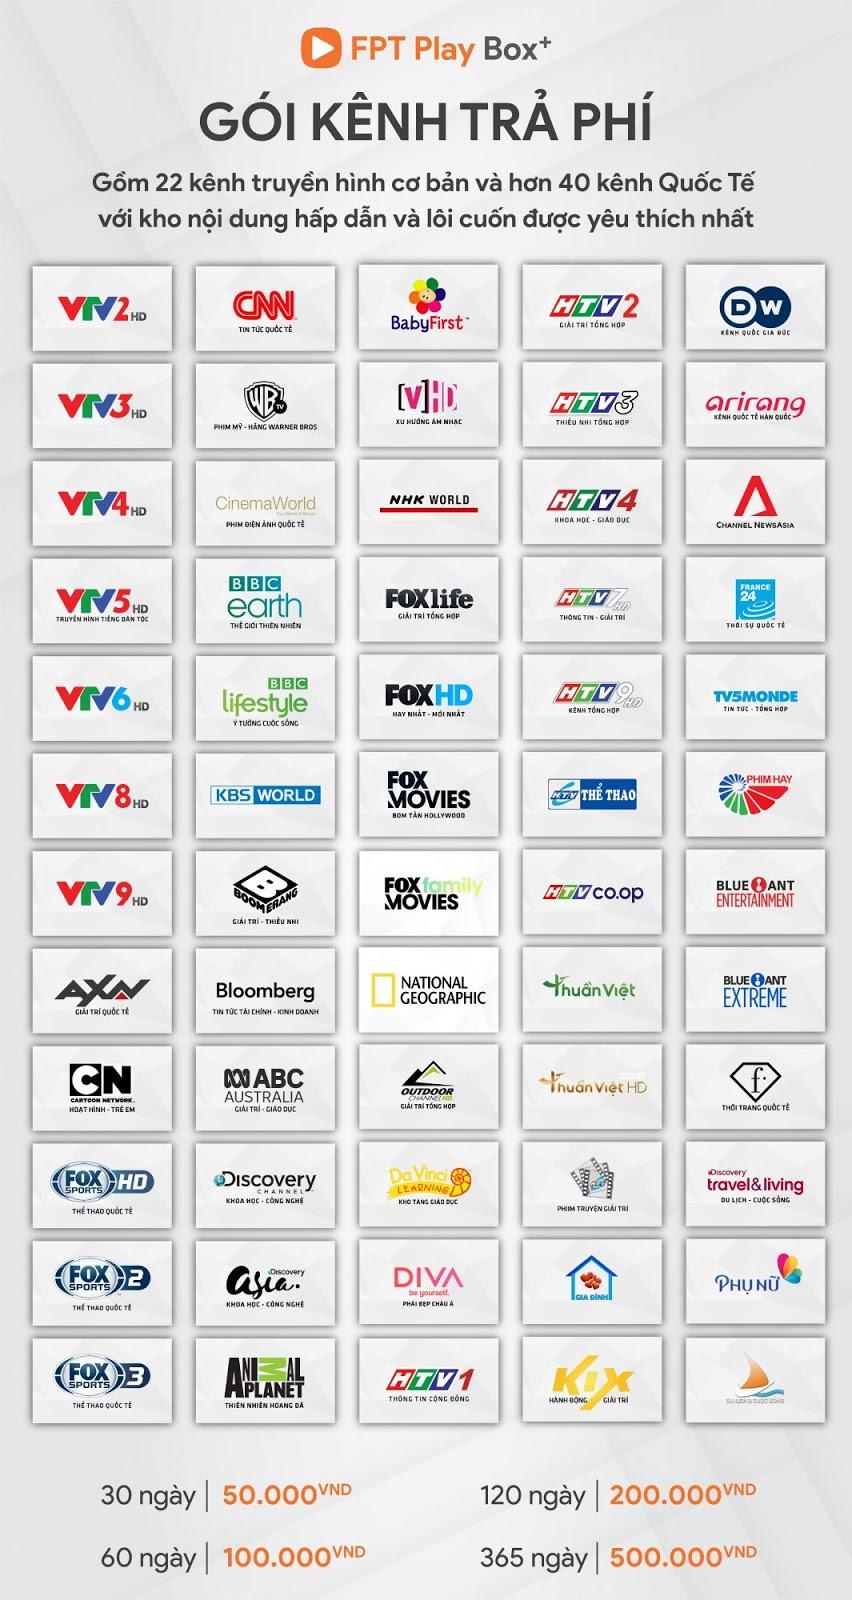 Gói kênh truyền hình cáp trả phí trên FPT Play BOX+ 2019